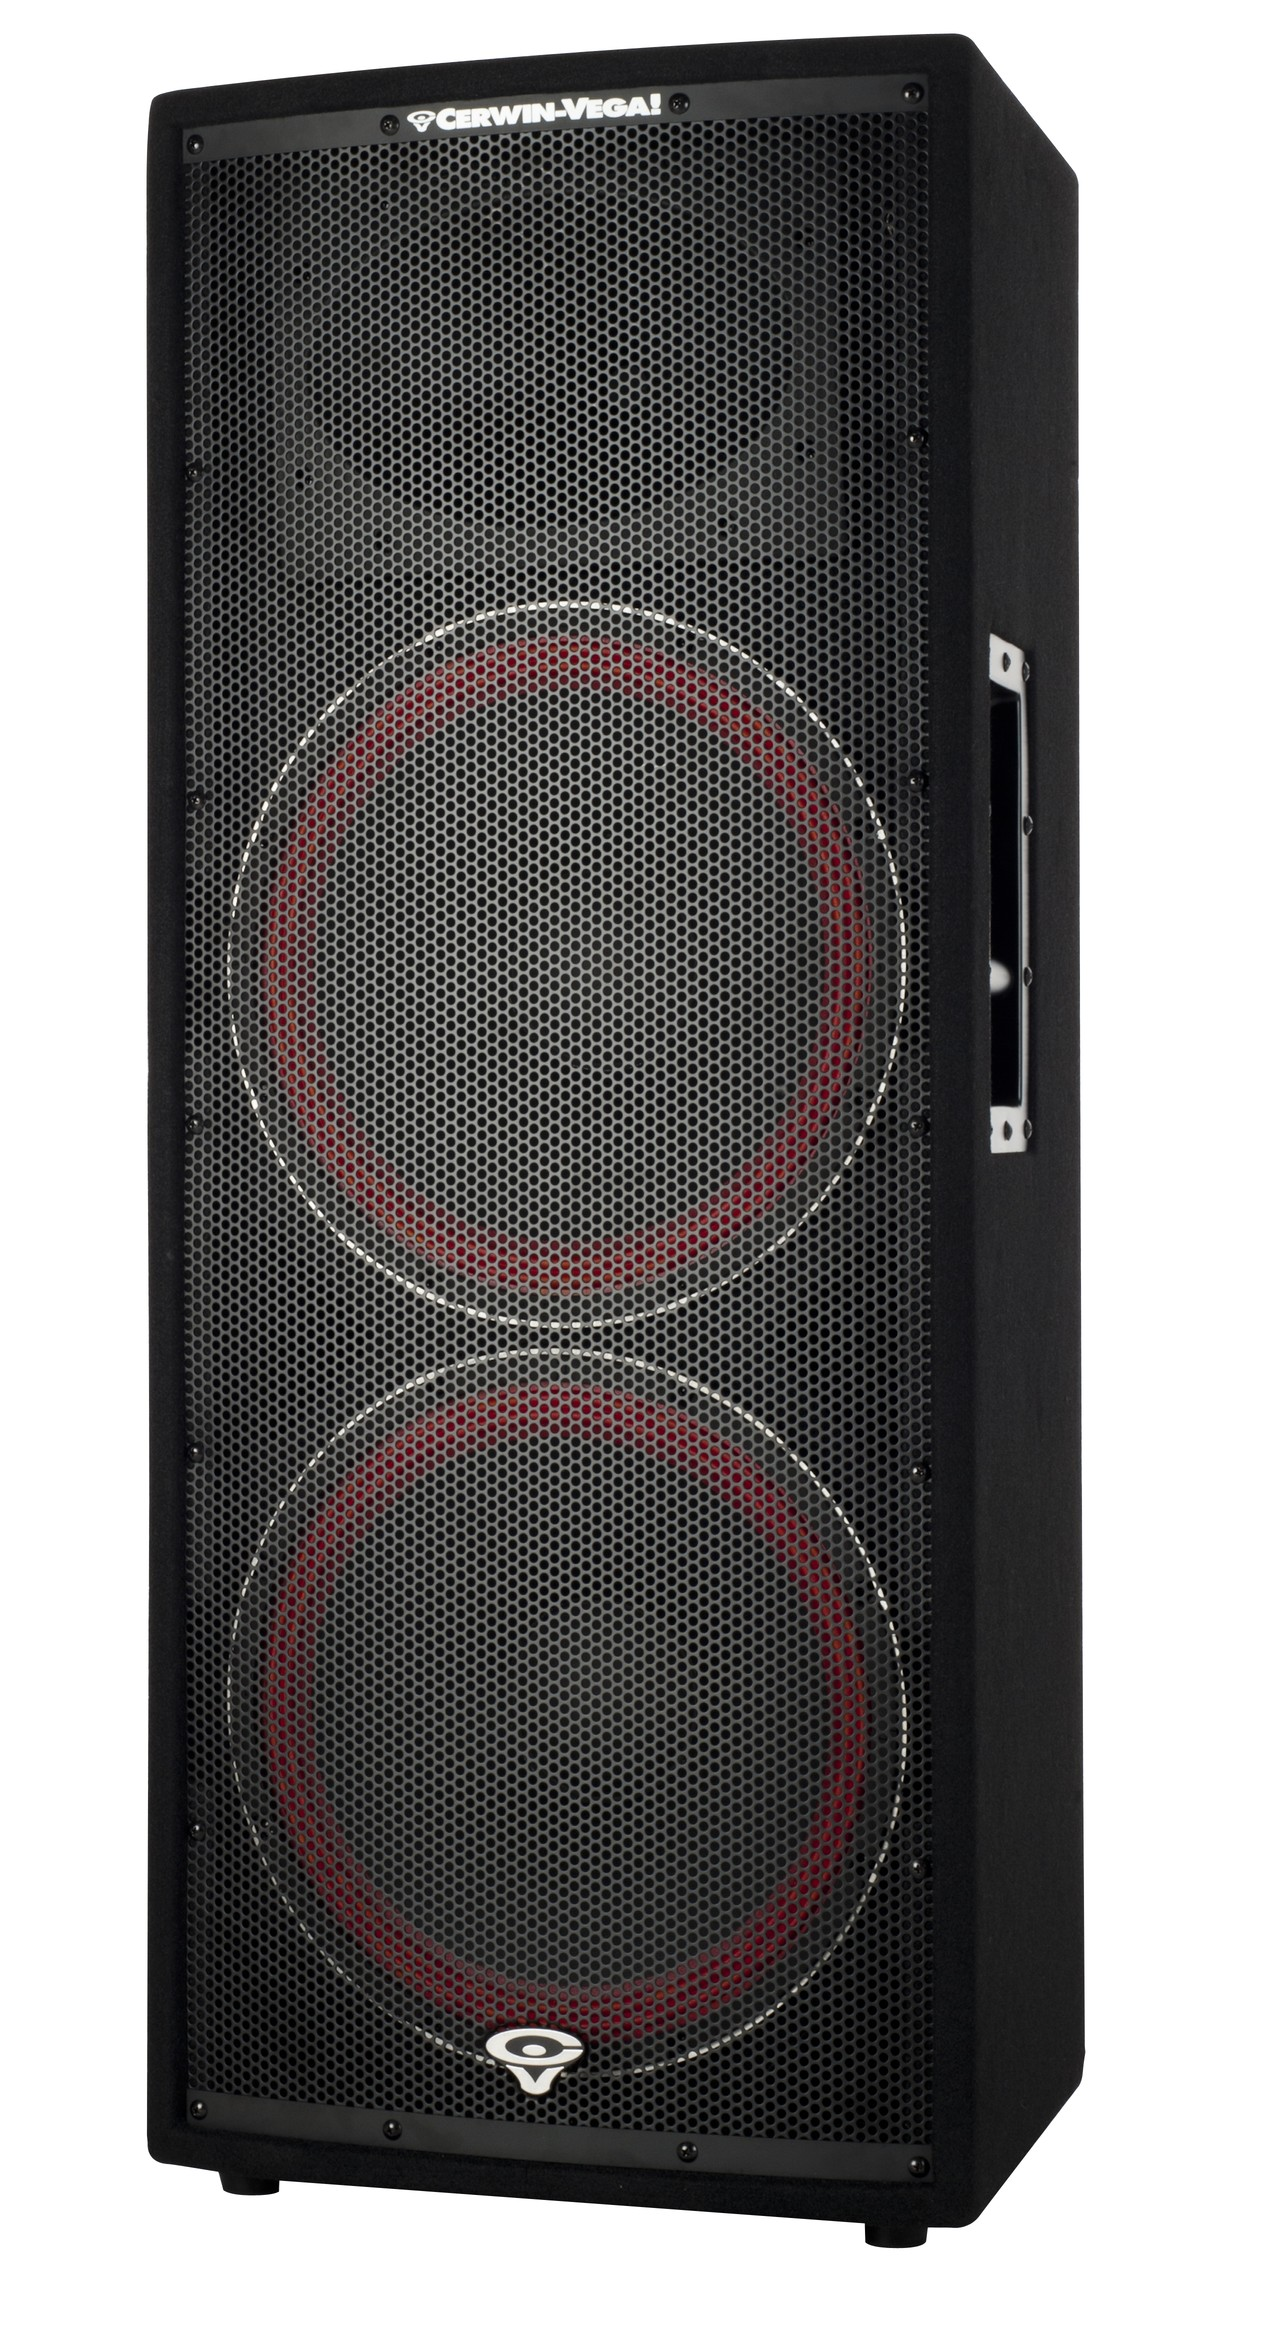 Cerwin Vega Cvi Passive Portable Pa Speaker Series